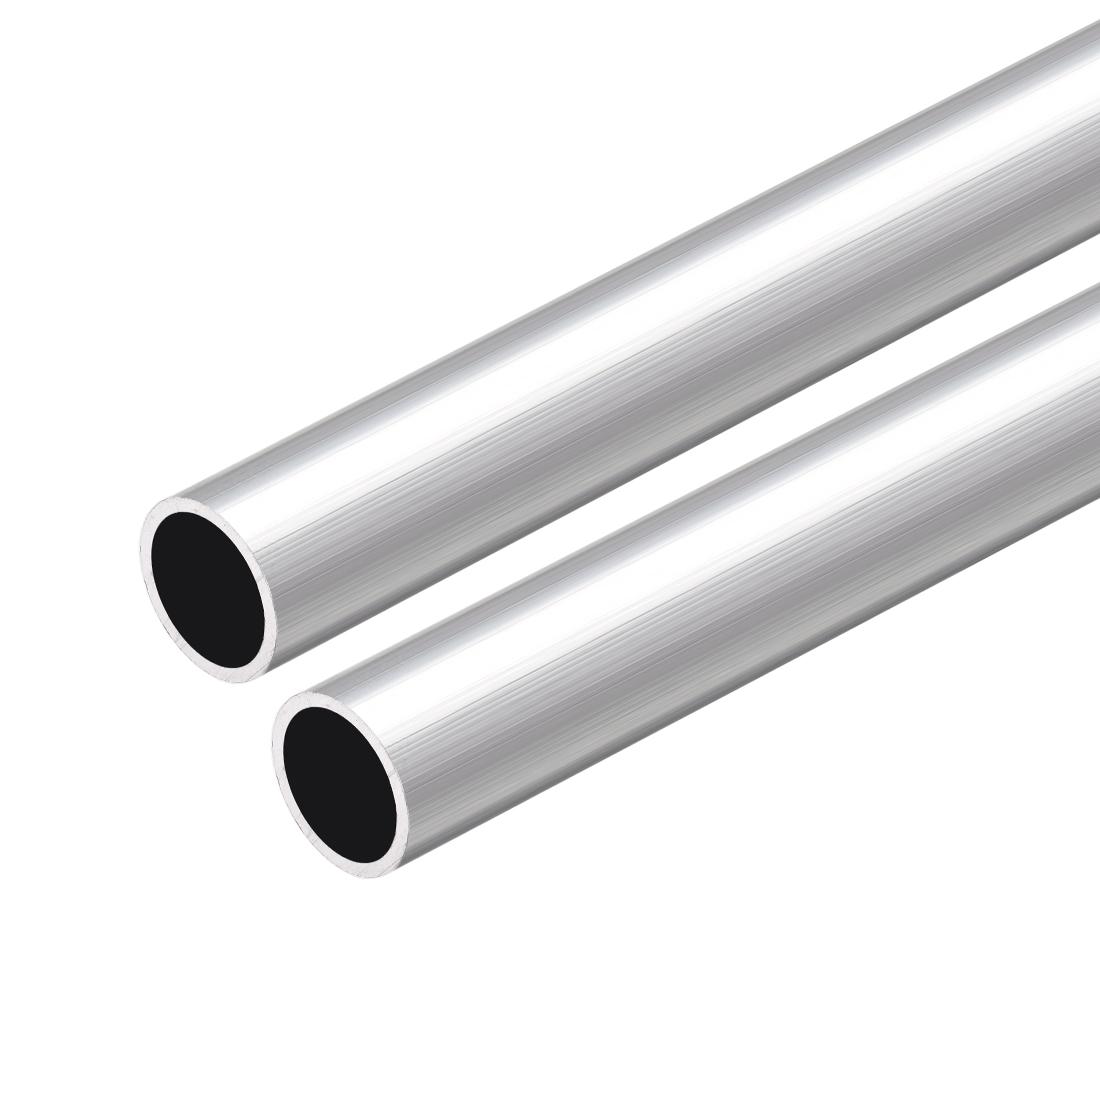 6063 Aluminum Round Tube 300mm Length 13mm OD 11mm Inner Dia Seamless Tube 2 Pcs